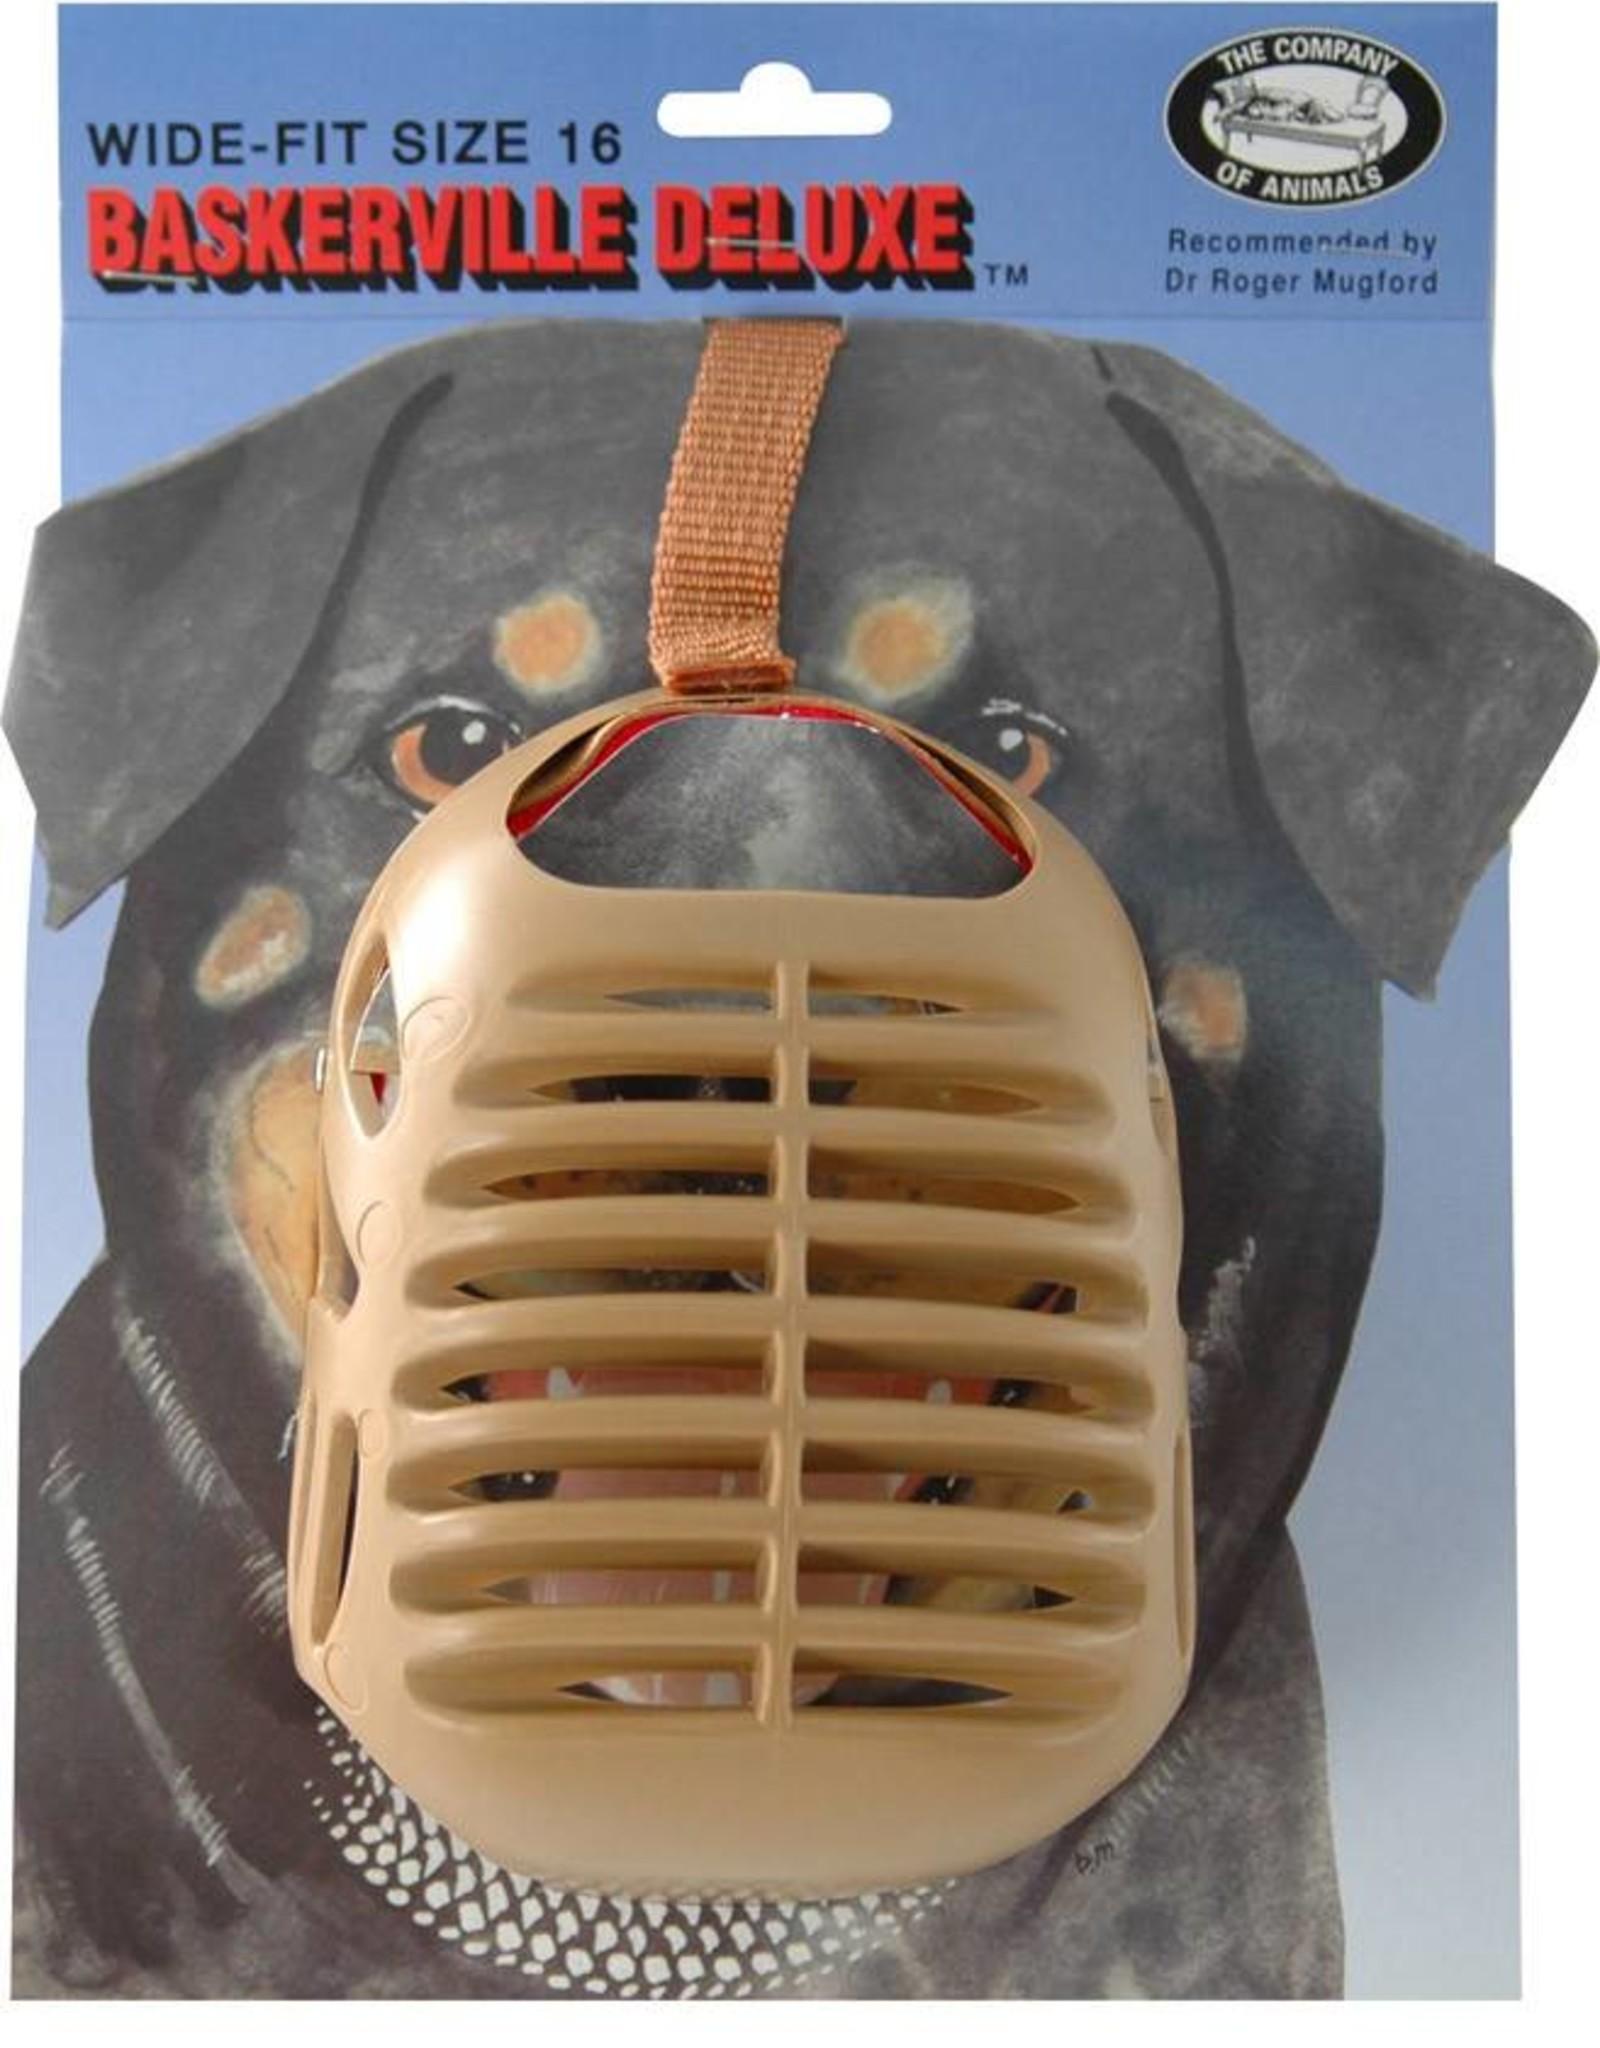 Company of Animals Baskerville Dog Muzzle Size 16, Bull Mastiff